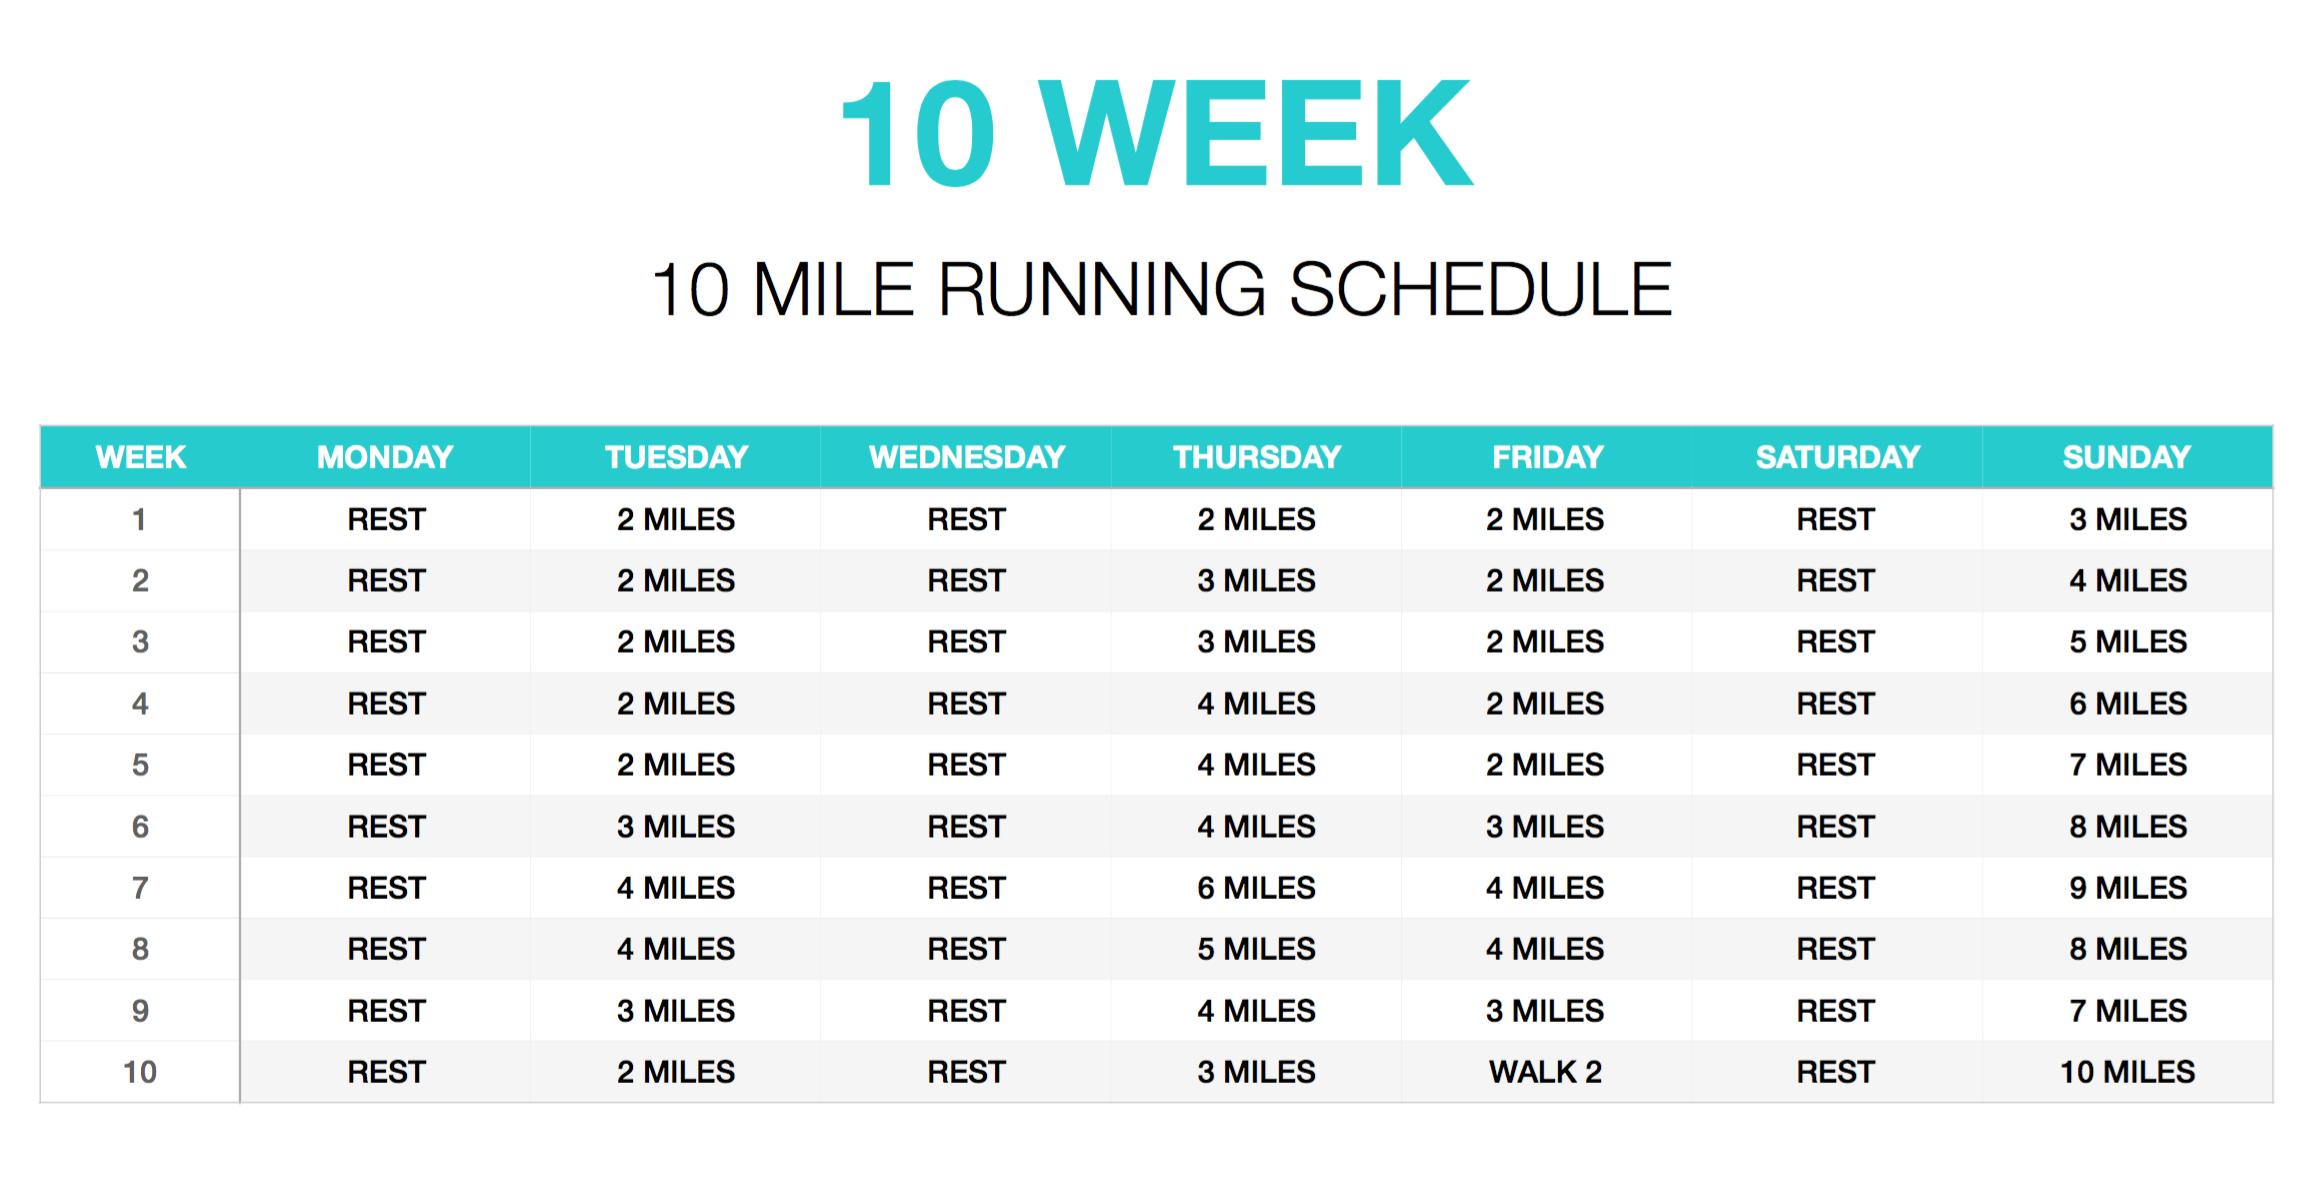 10 week running schedule